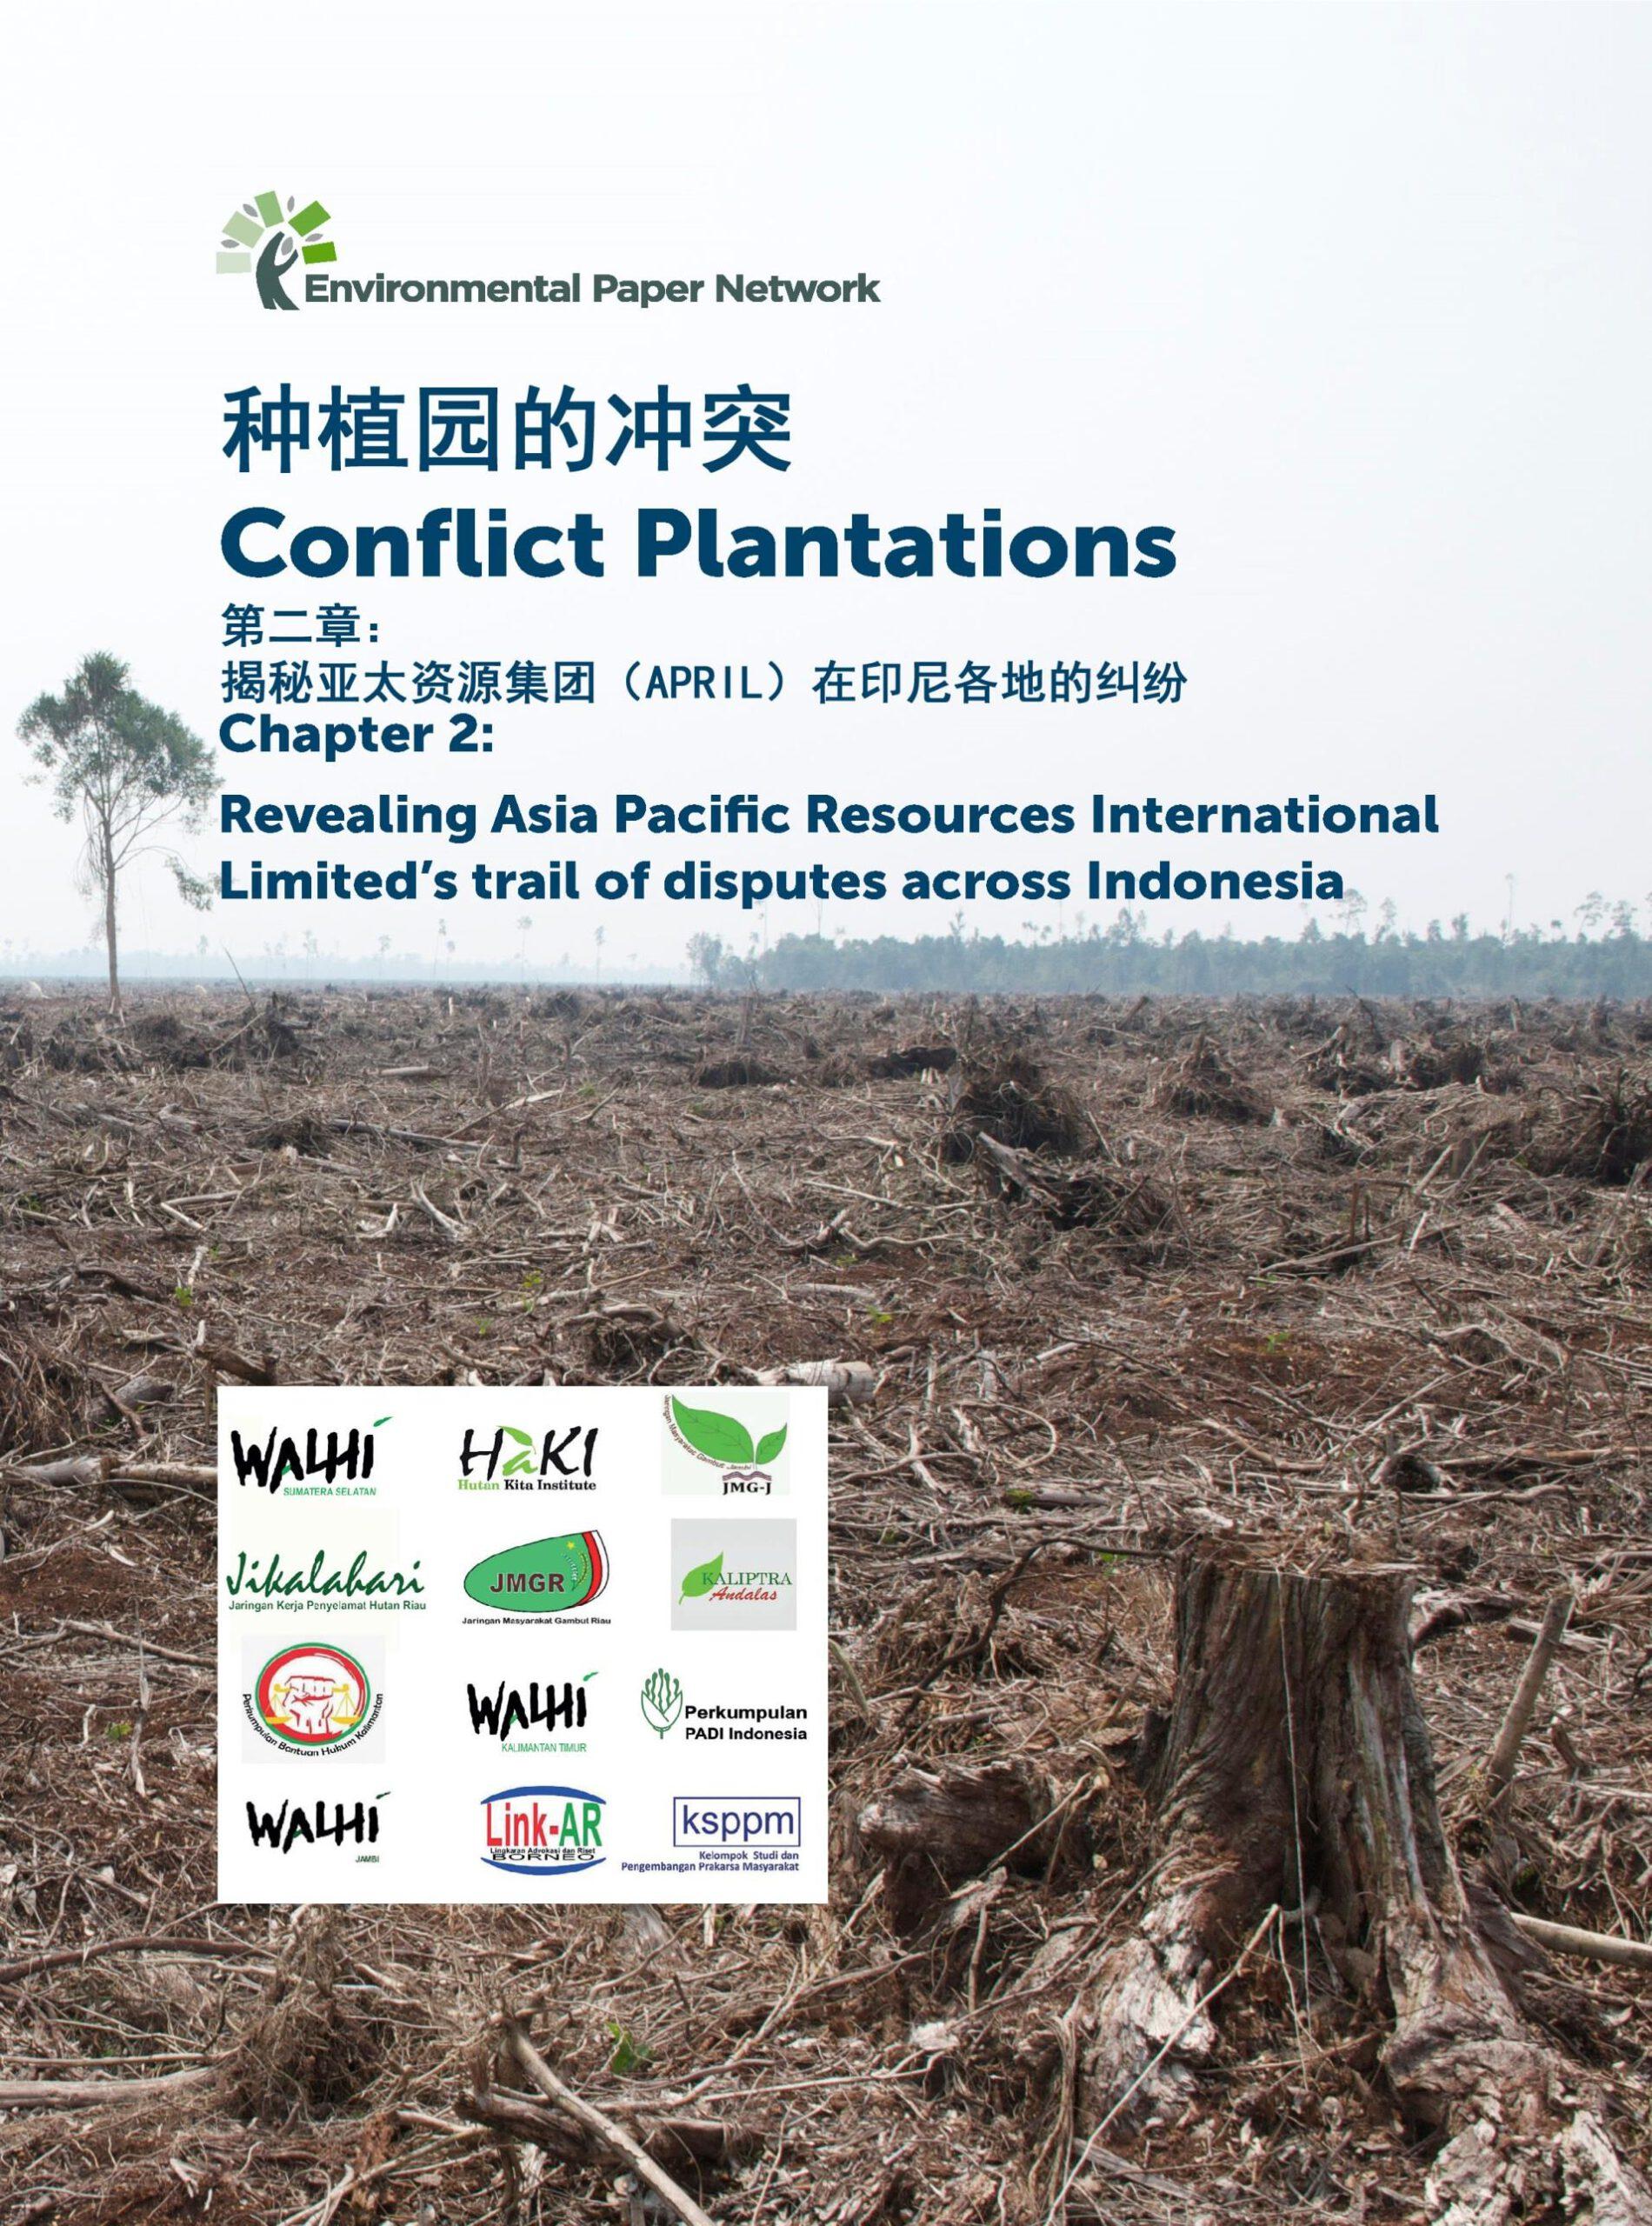 《种植园冲突(二)》(Conflict Plantations)中文摘要